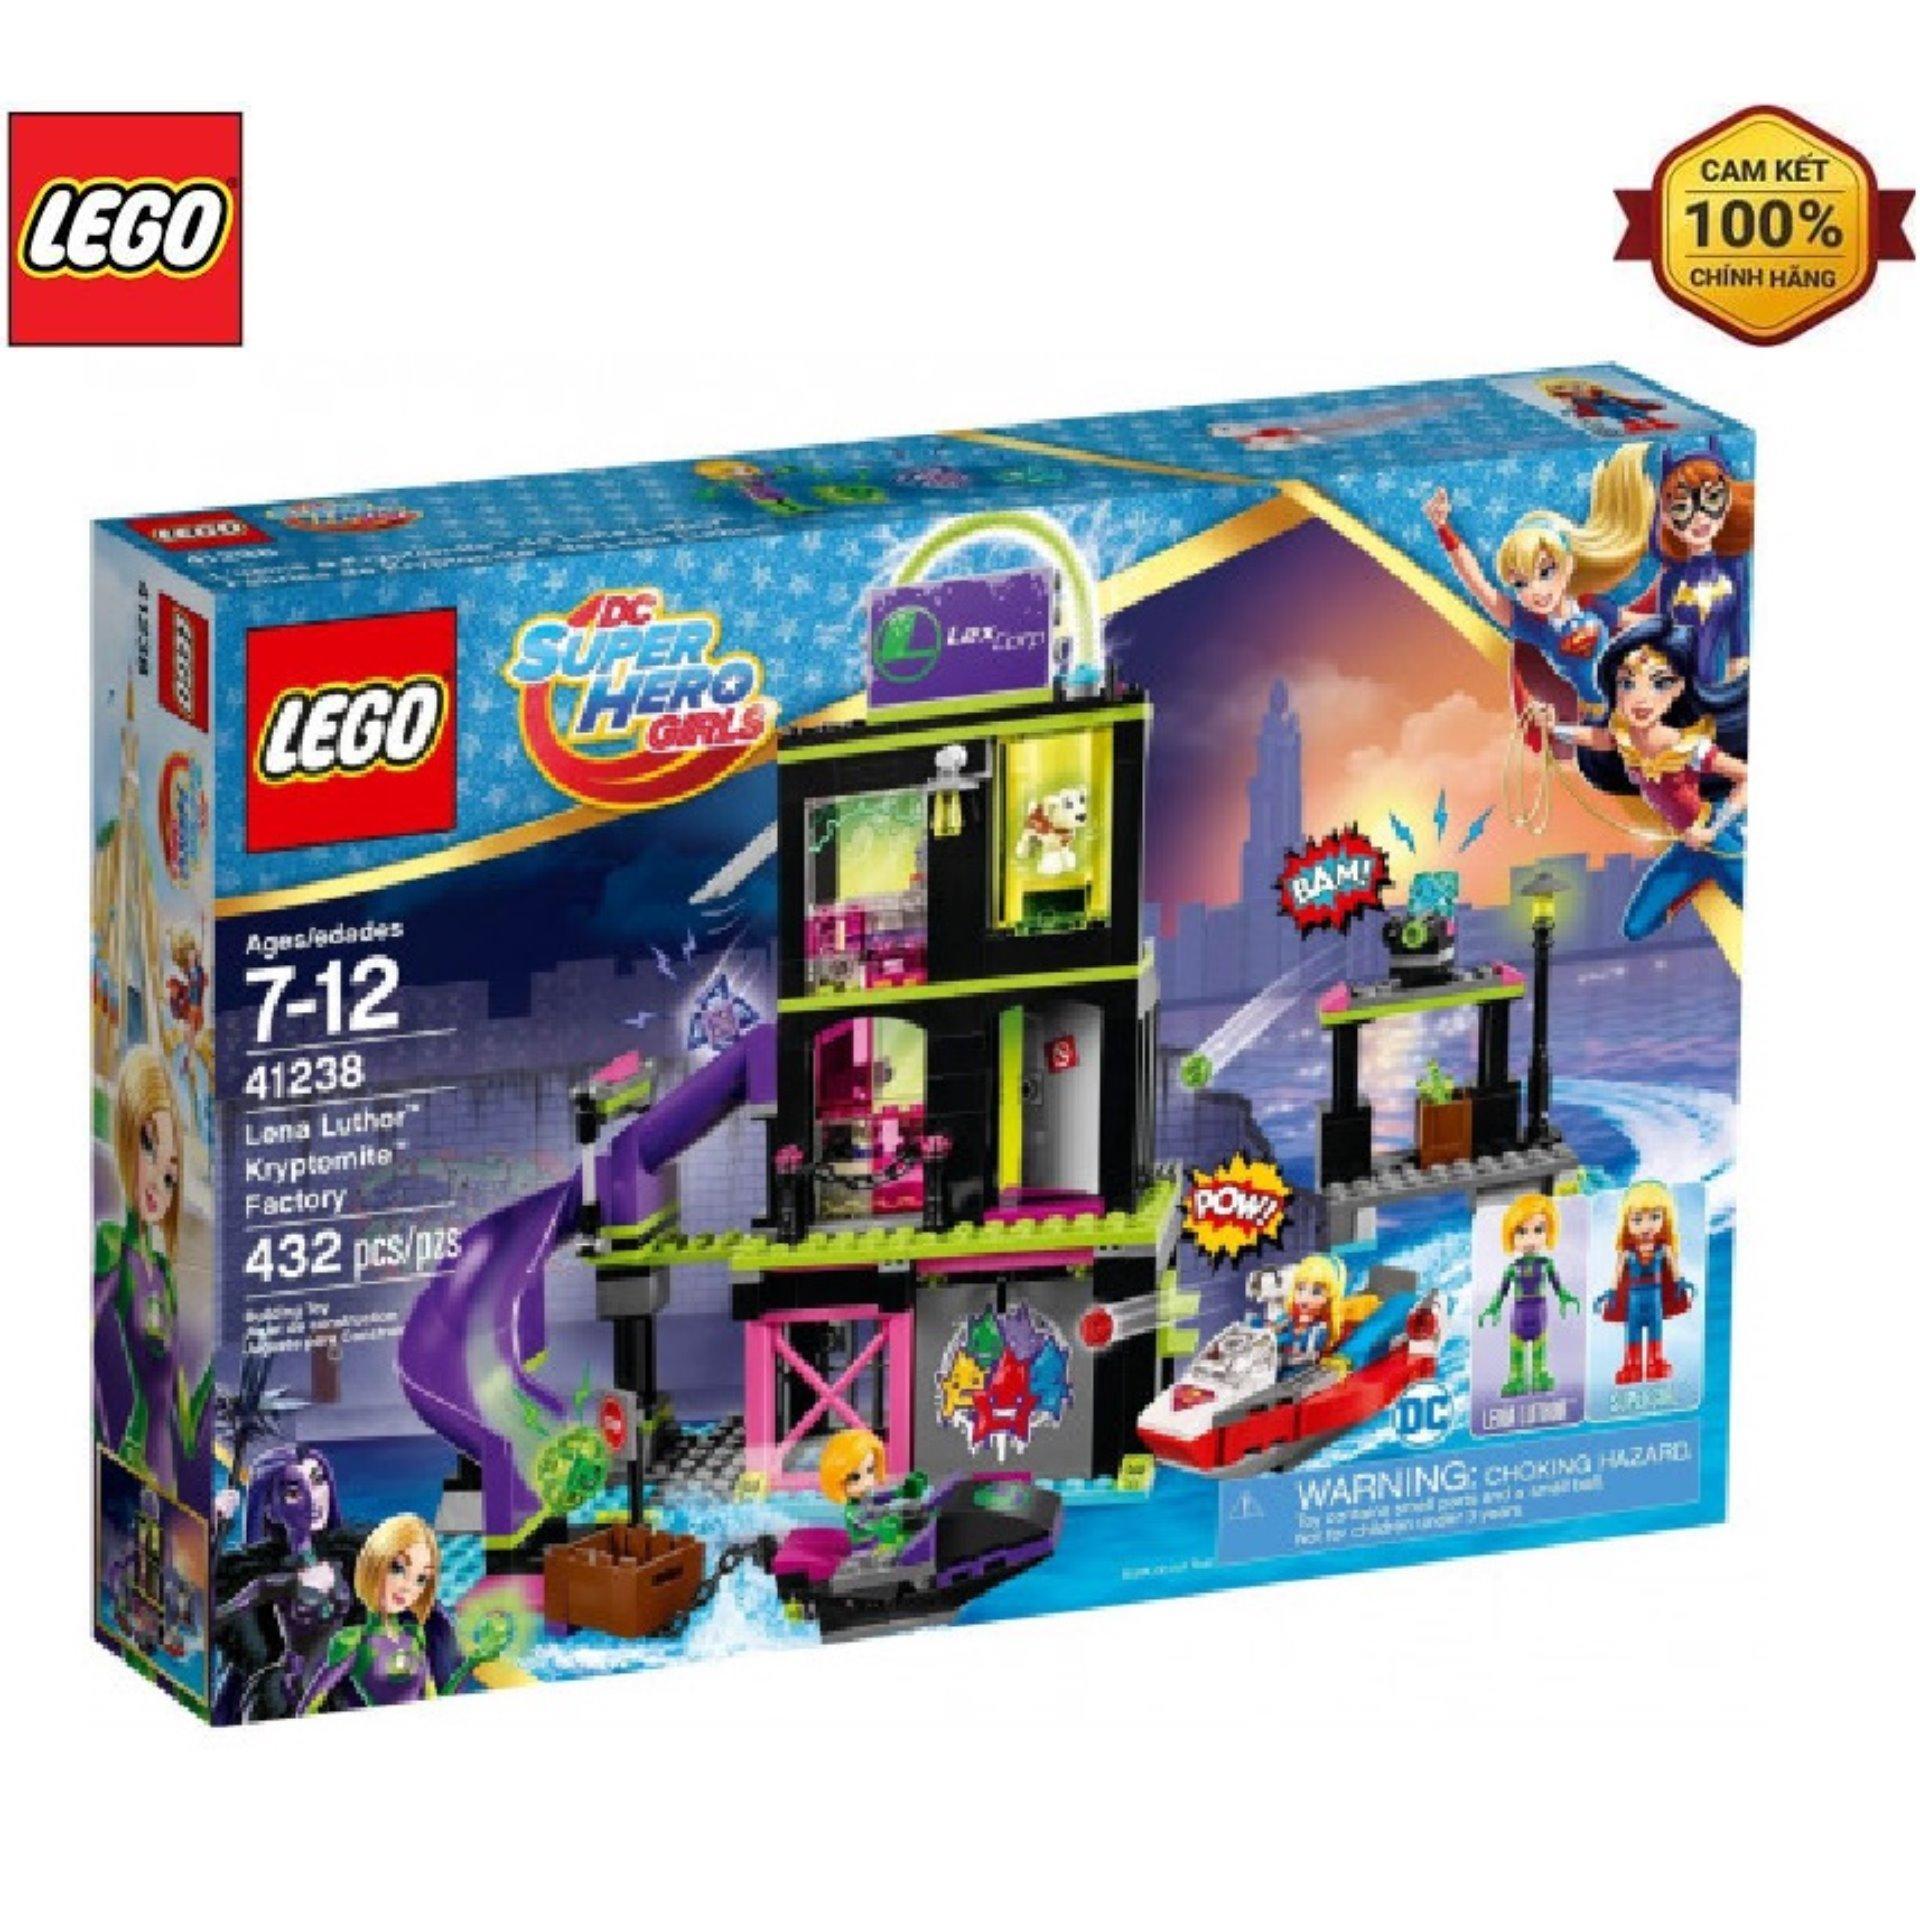 Giảm Giá Ưu Đãi Khi Mua Xưởng Chế Tạo Của Lena Luthor Kryptomite LEGO SUPER HERO GIRLS 41238 (432 Chi Tiết)